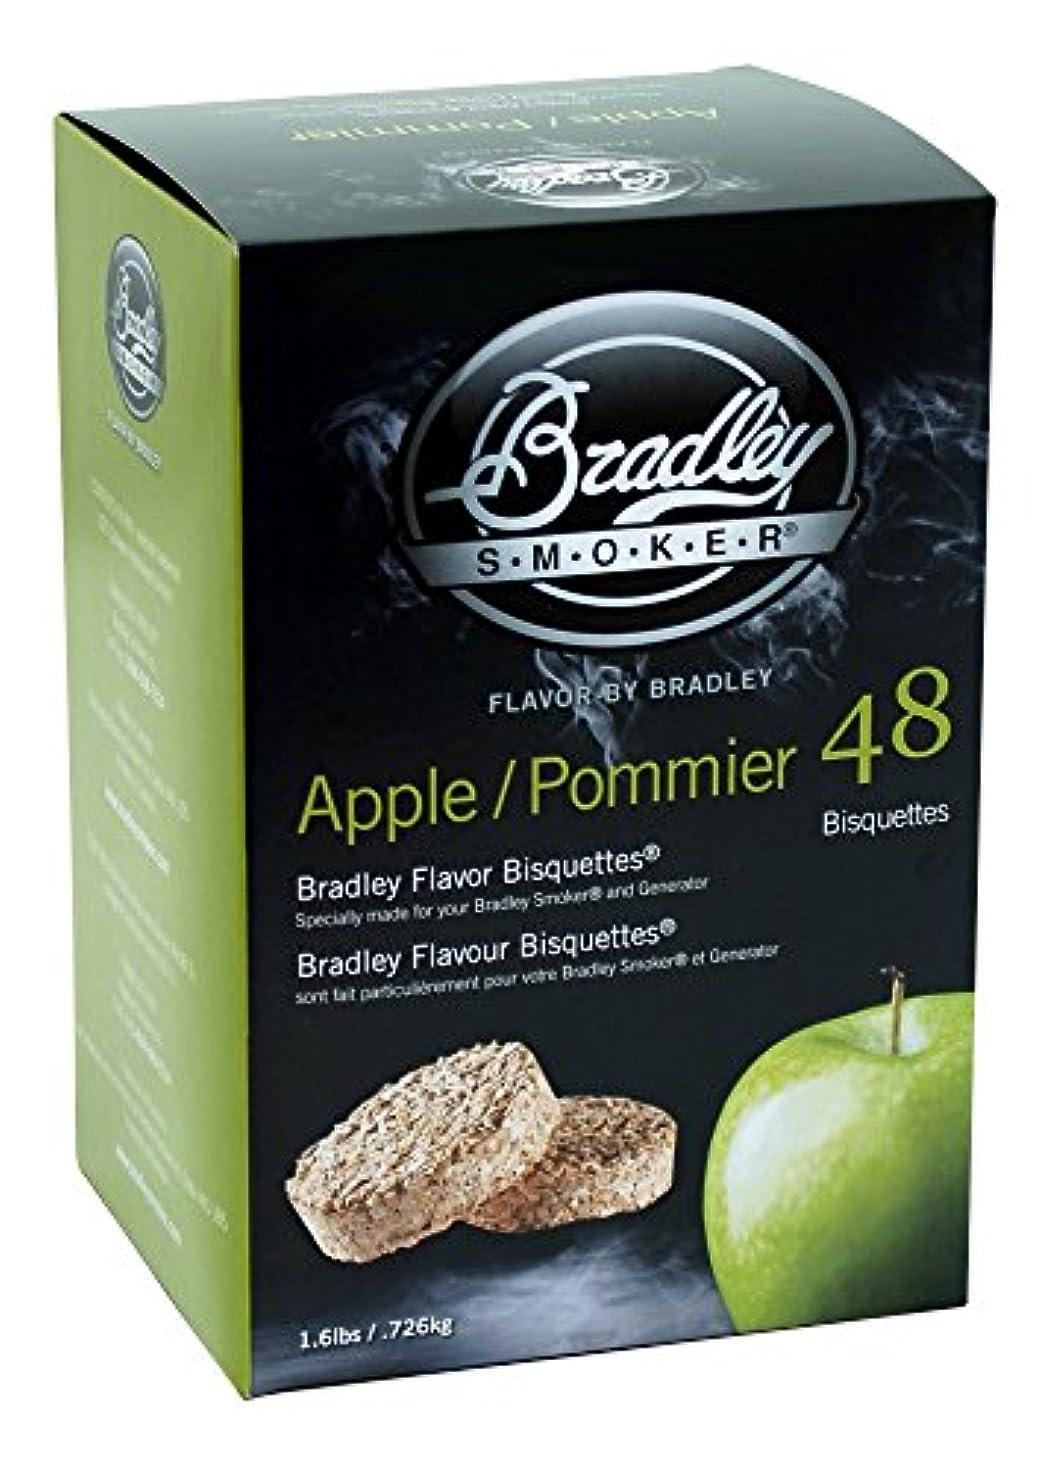 コントラスト不利益消えるGREEM MARKET(グリームマーケット) BradleySmoker ブラッドリースモーカー 燻製用チップス アップル GMU-1858